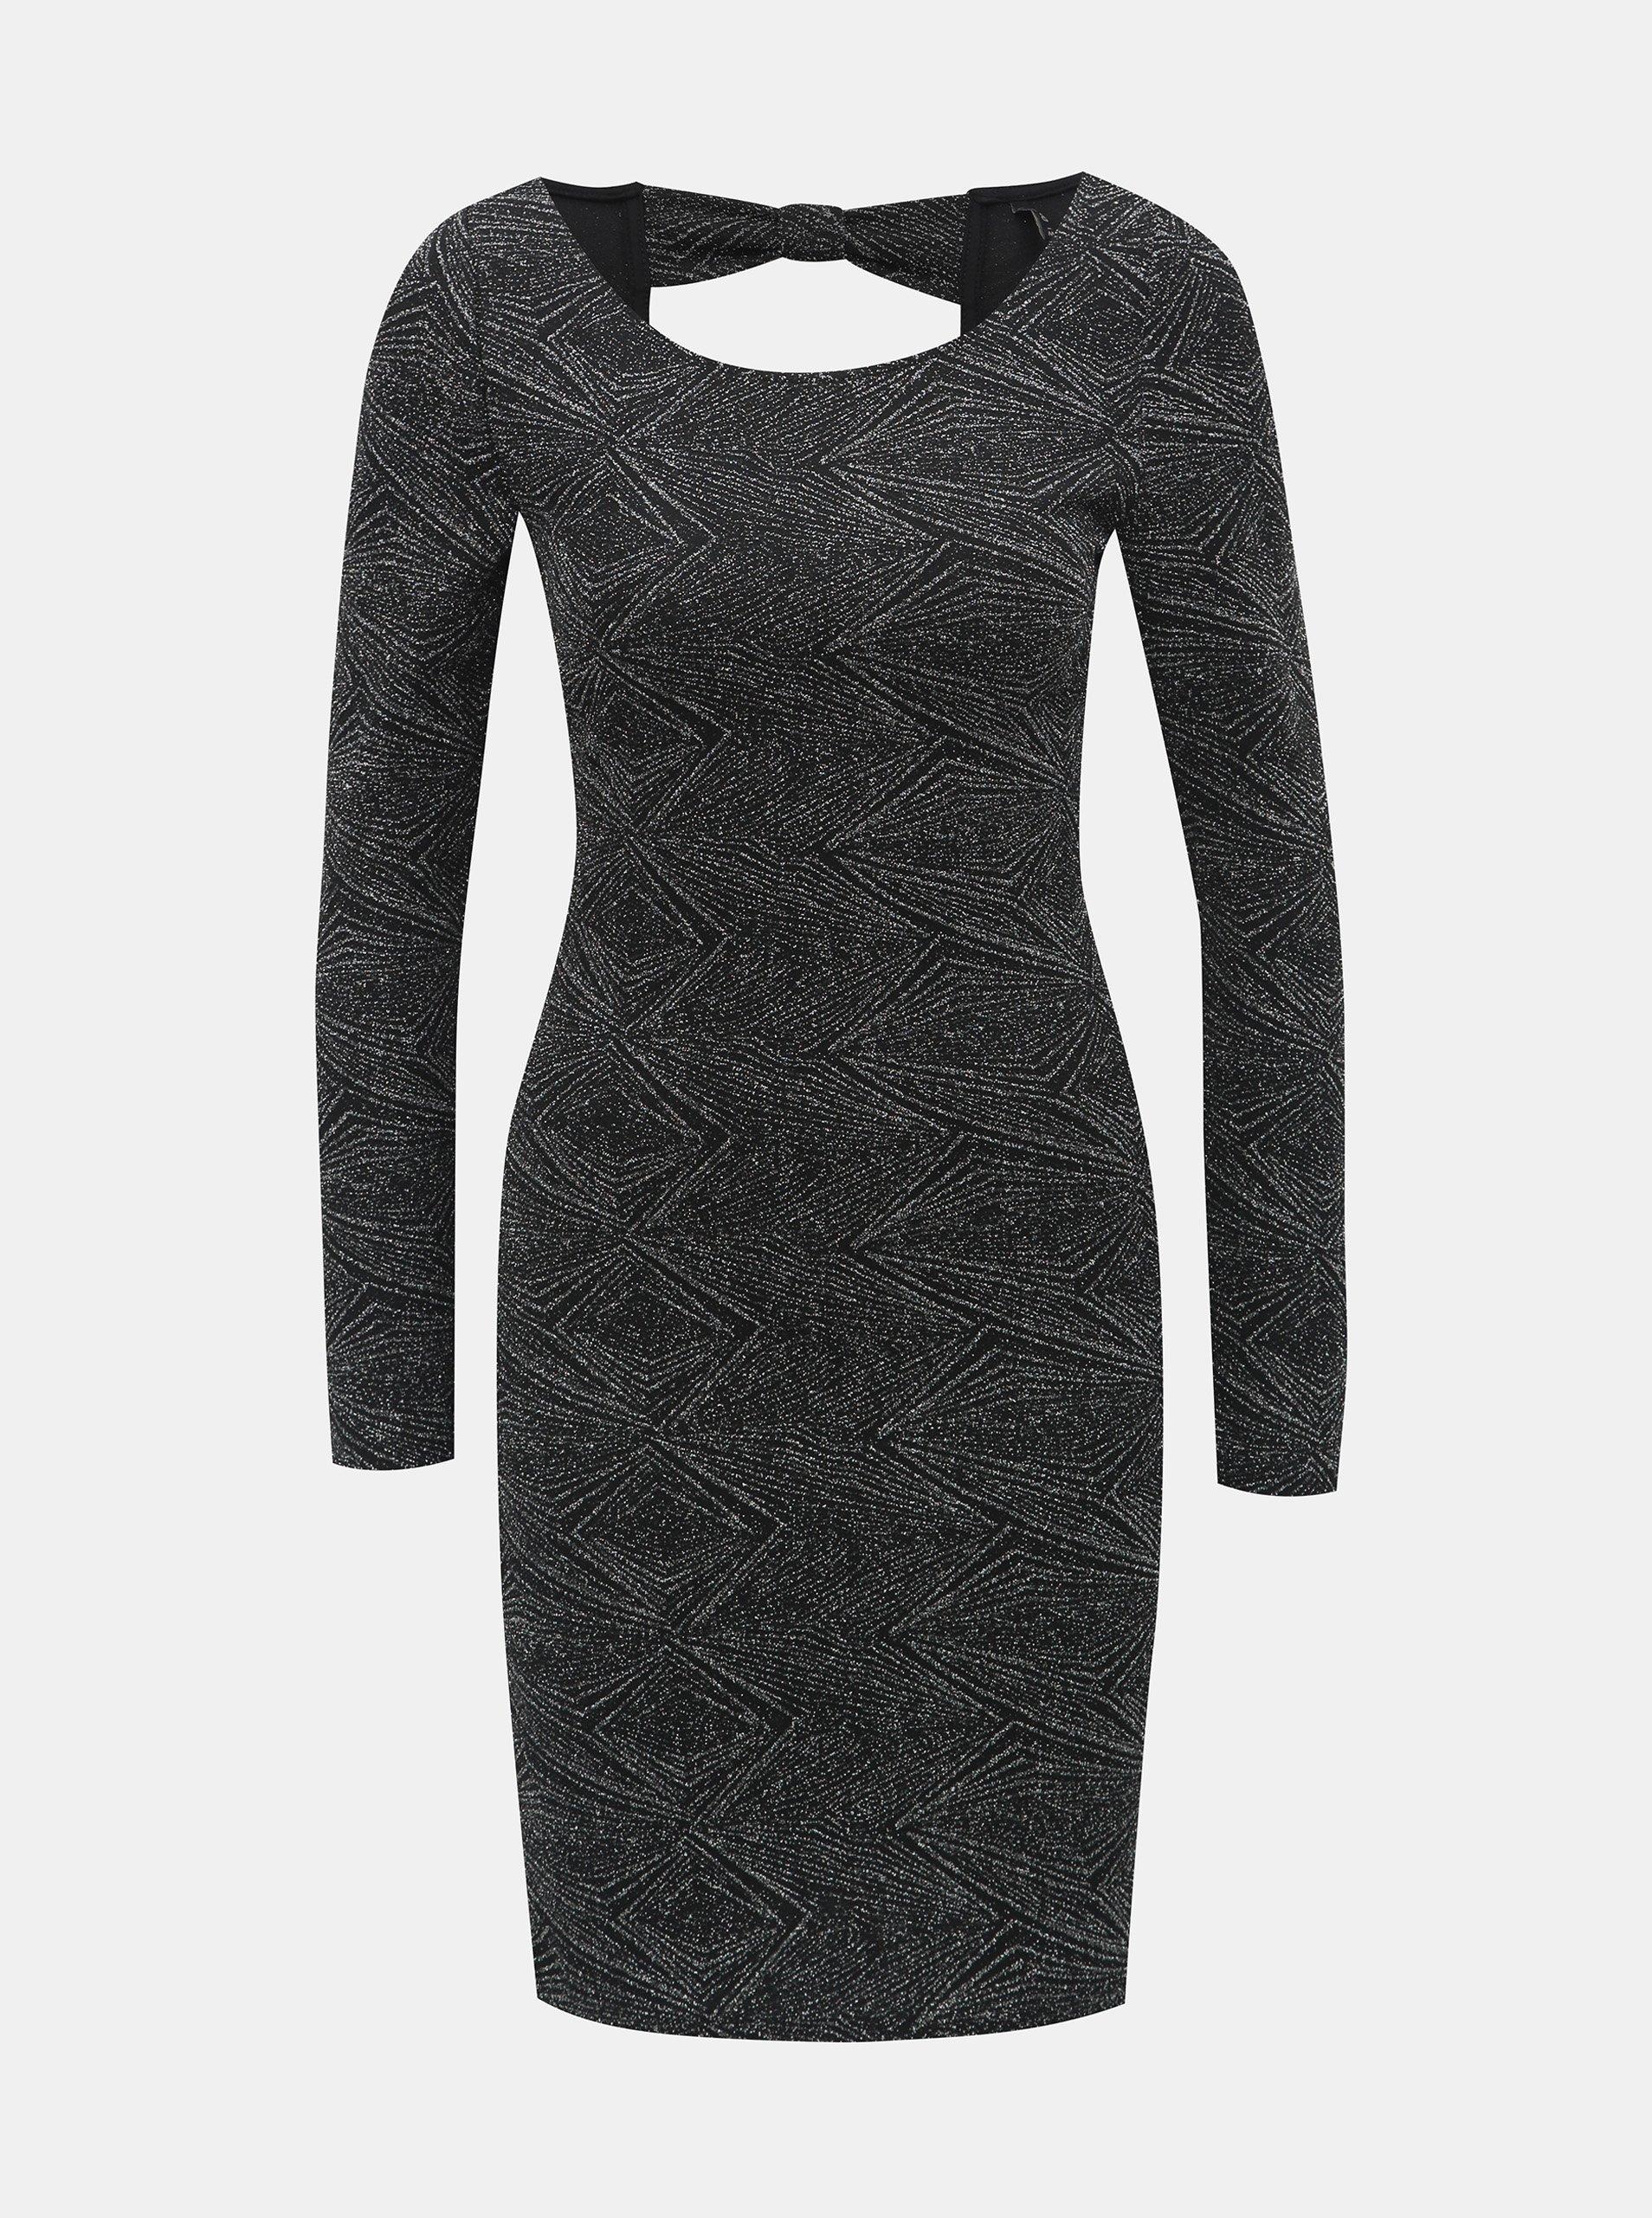 Vzorované pouzdrové šaty v černé a stříbrné barvě s průstřihem na zádech ONLY Shine